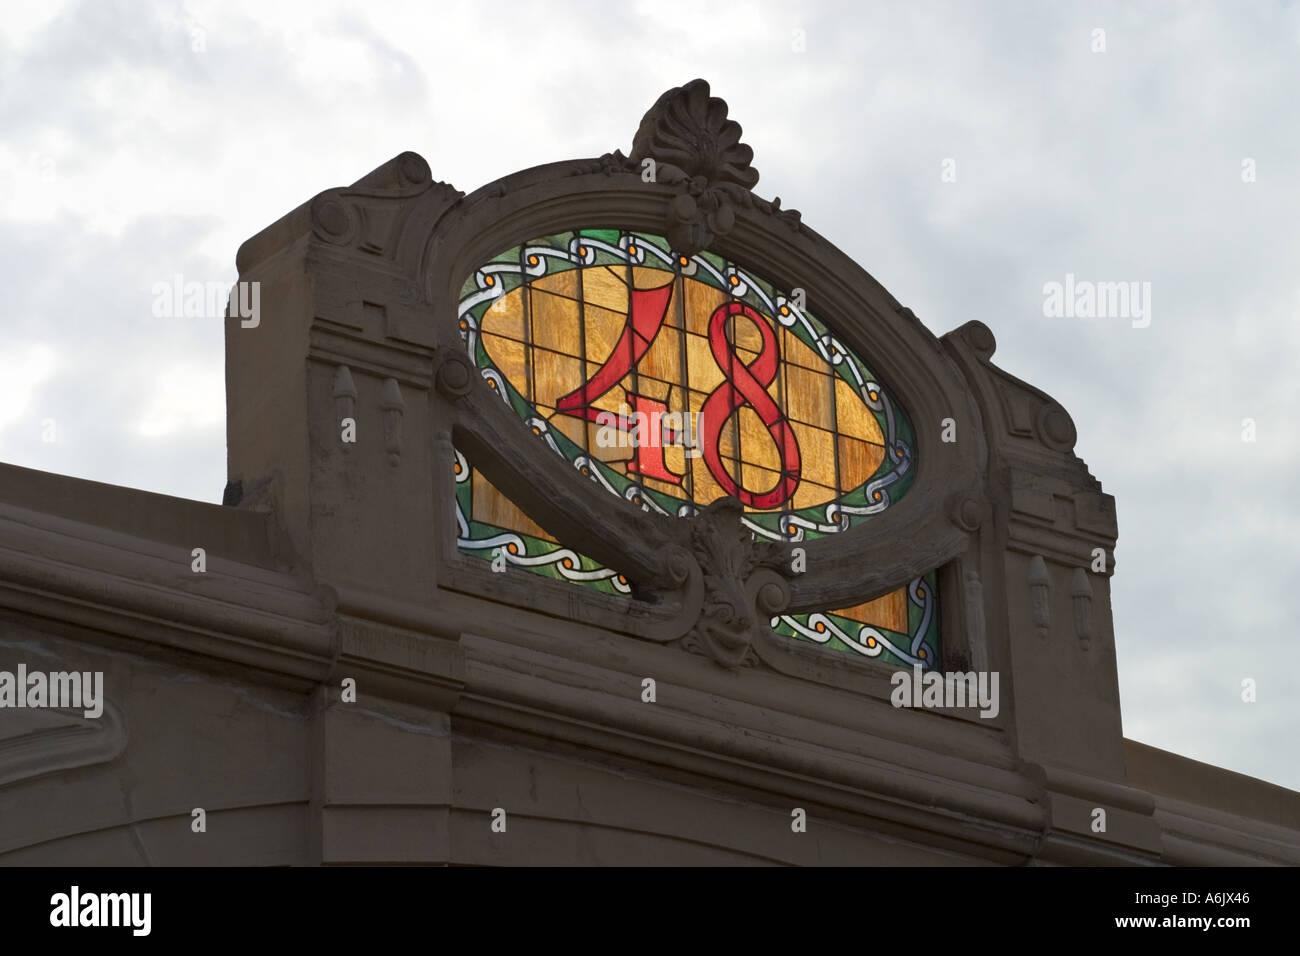 Viareggio toscana italia architettura liberty lungo la passeggiata del lungomare Immagini Stock